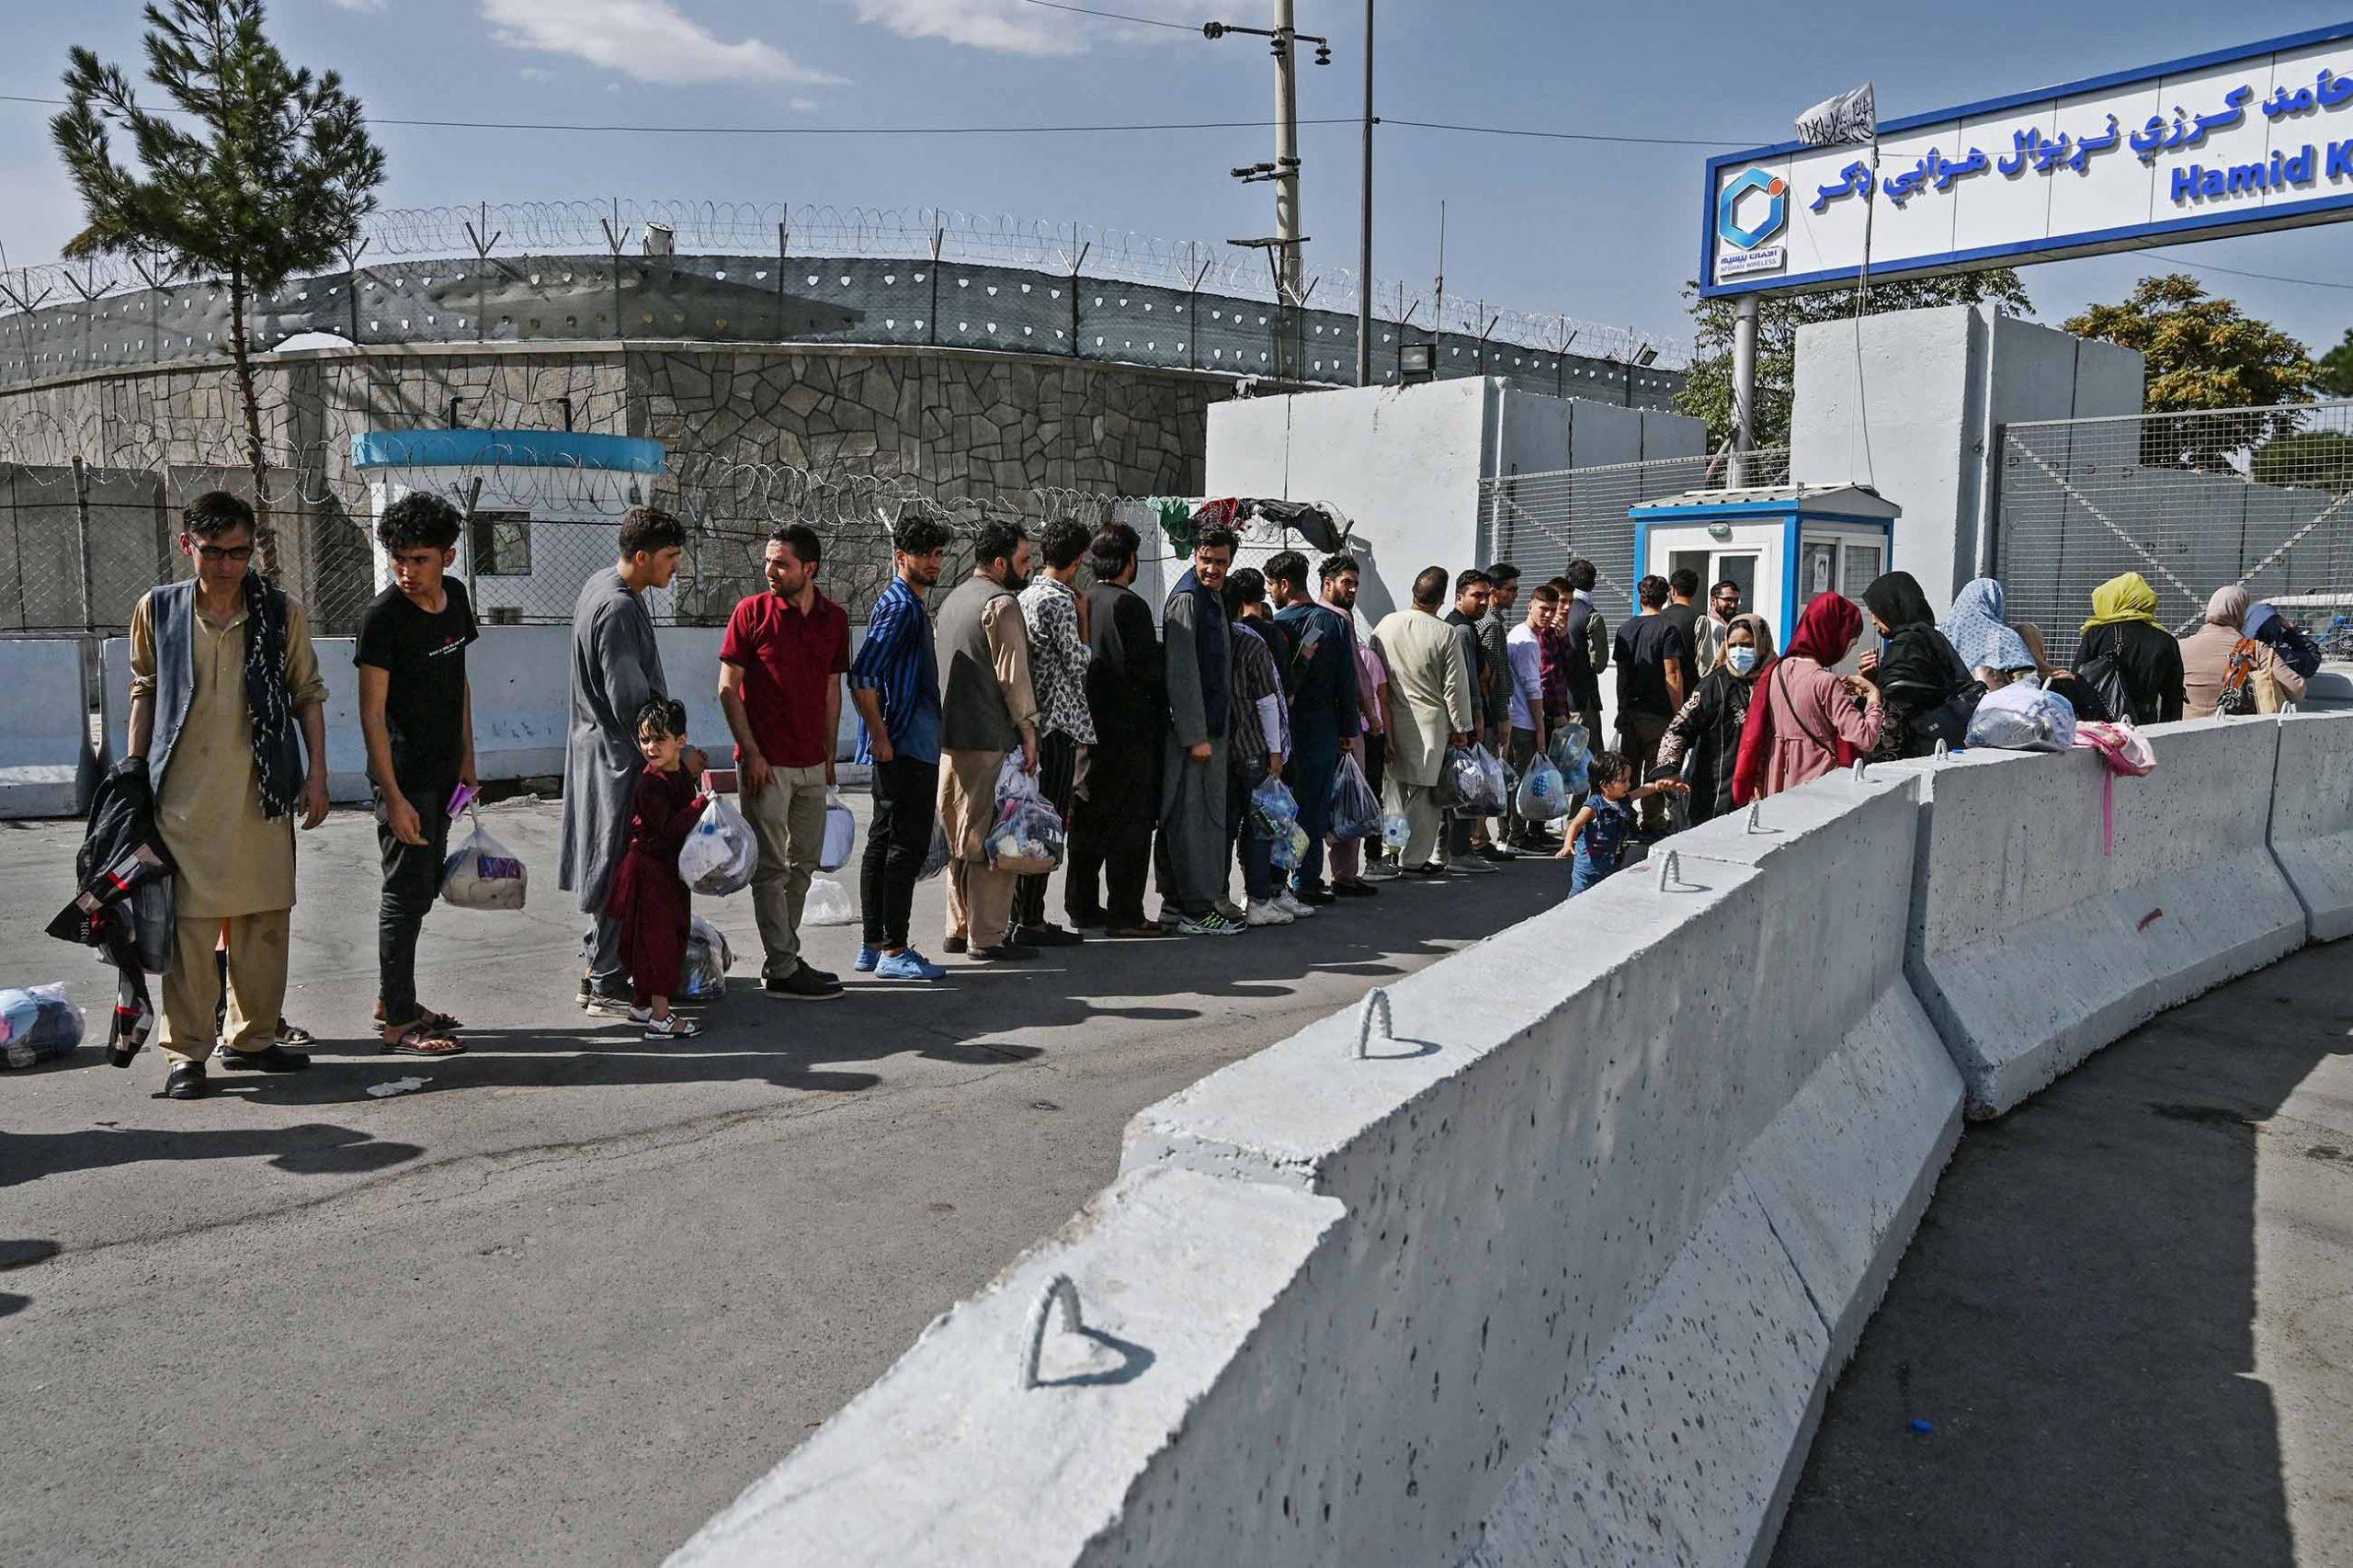 gettyimages 1234913233 scaled - <b>Українські військові допомогли евакуювати афганців із Кабула.</b> Але там залишаються громадяни України — і ними ніхто не займається - Заборона